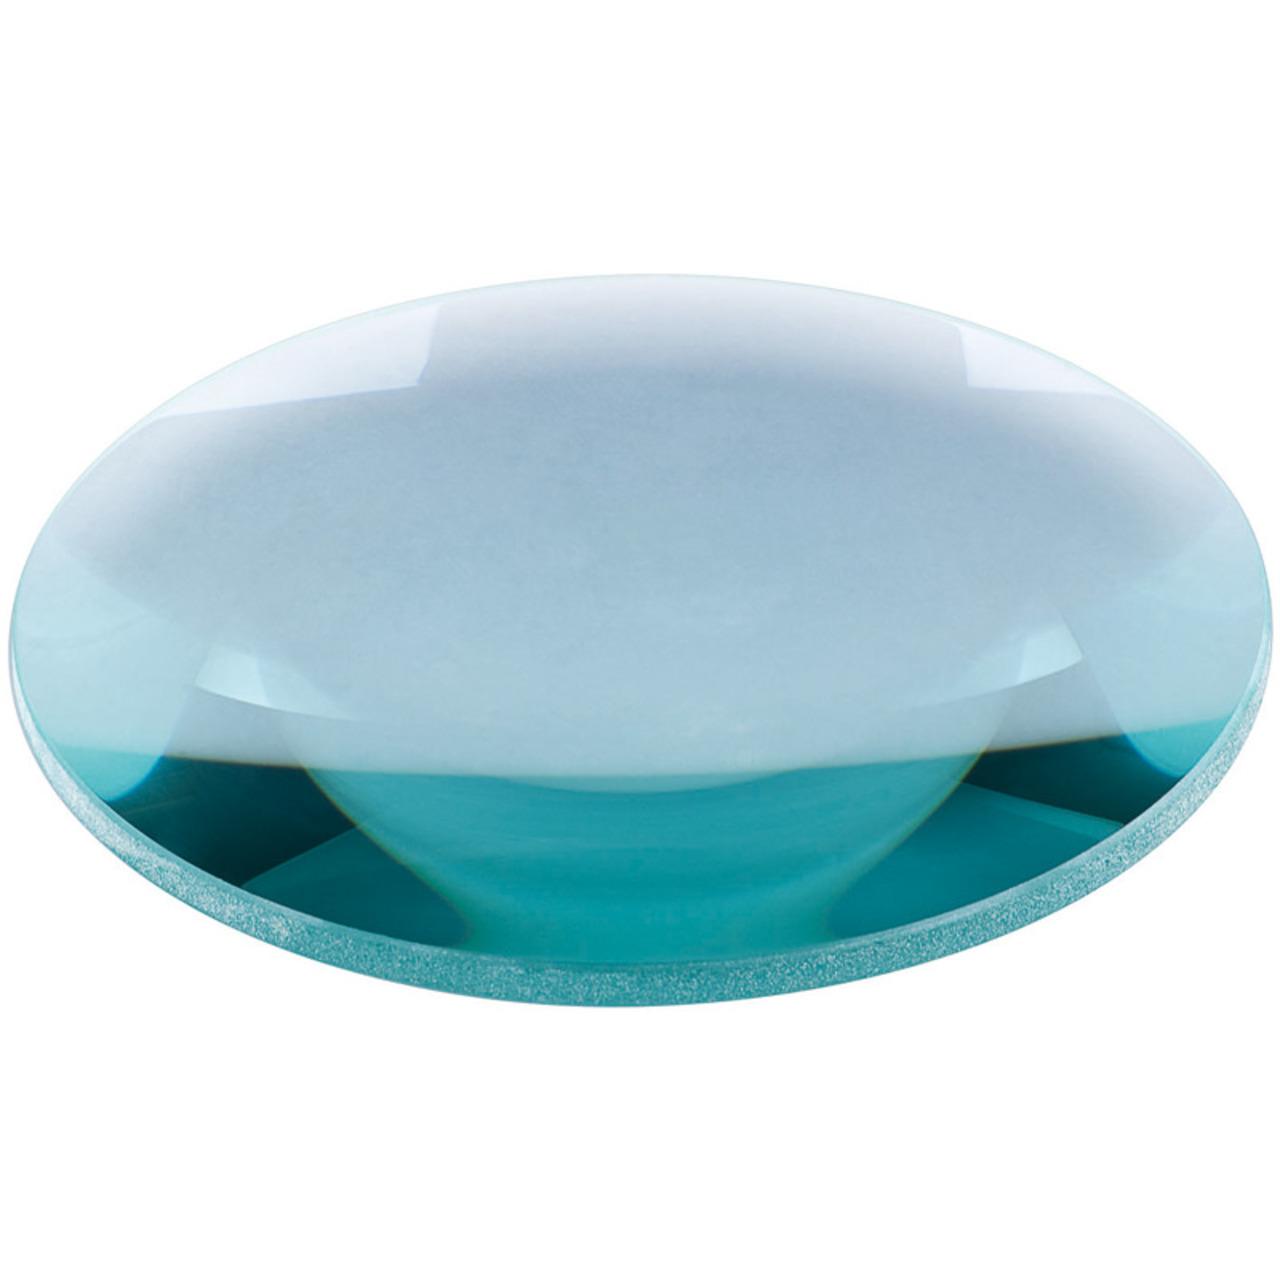 Linse für Lupenleuchte- 2-25-fache Vergrösserung- - 127 mm- Echtglas